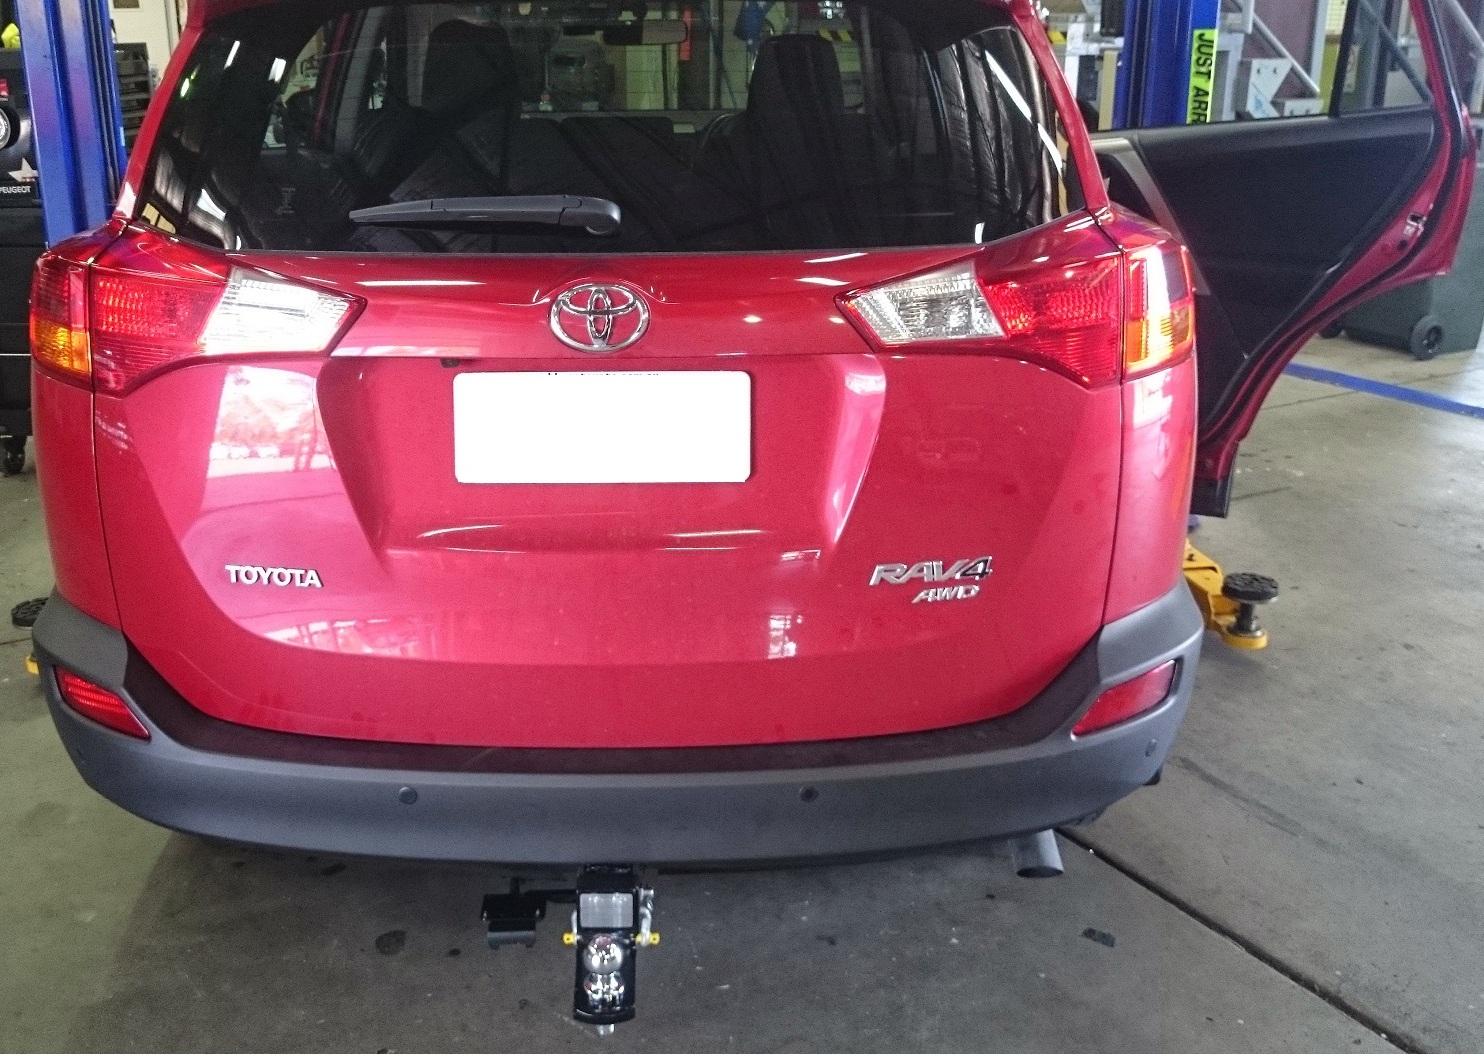 Instruction for installing genuine Toyota towbar (hitch?)   Toyota RAV4  ForumsRAV4 World